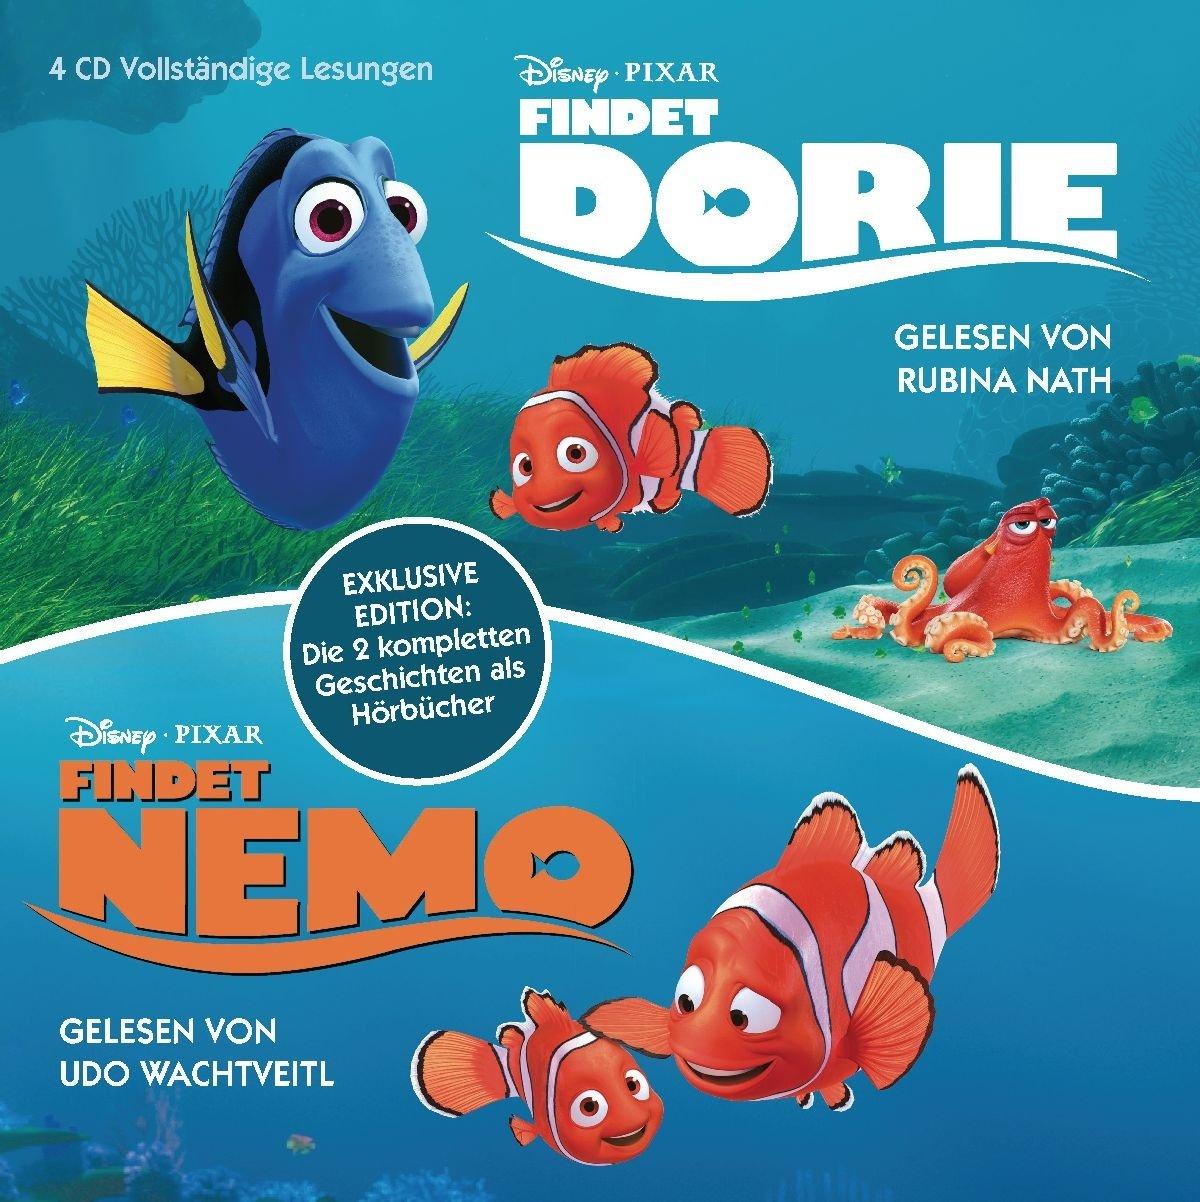 Findet Nemo   Findet Dorie  Exklusive Edition  Die Zwei Kompletten Geschichten Als Hörbücher